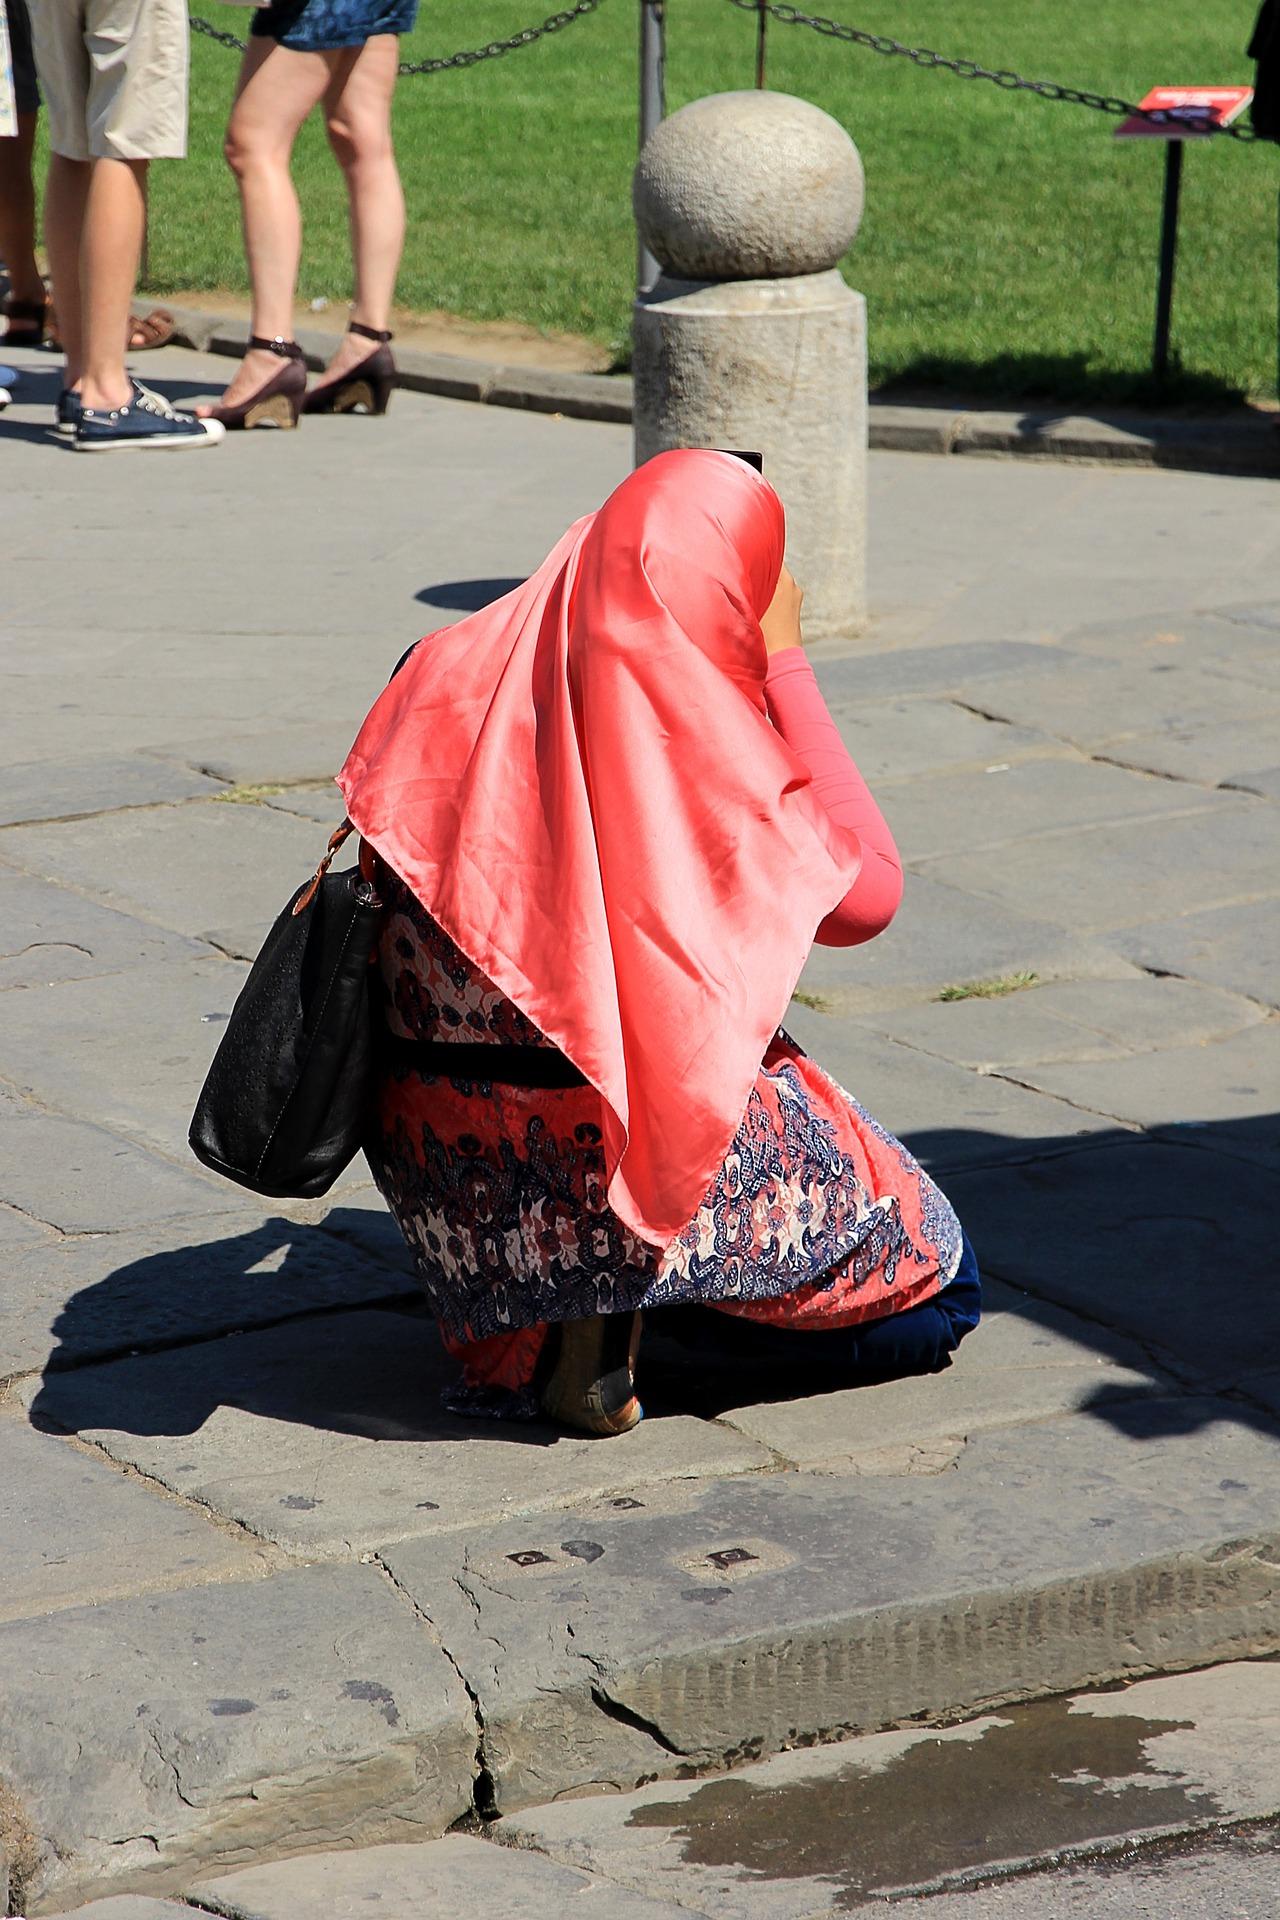 Modlący się muzułmańscy turyści w Europie są coraz częstszym widokiem (fot. Shutterstock)